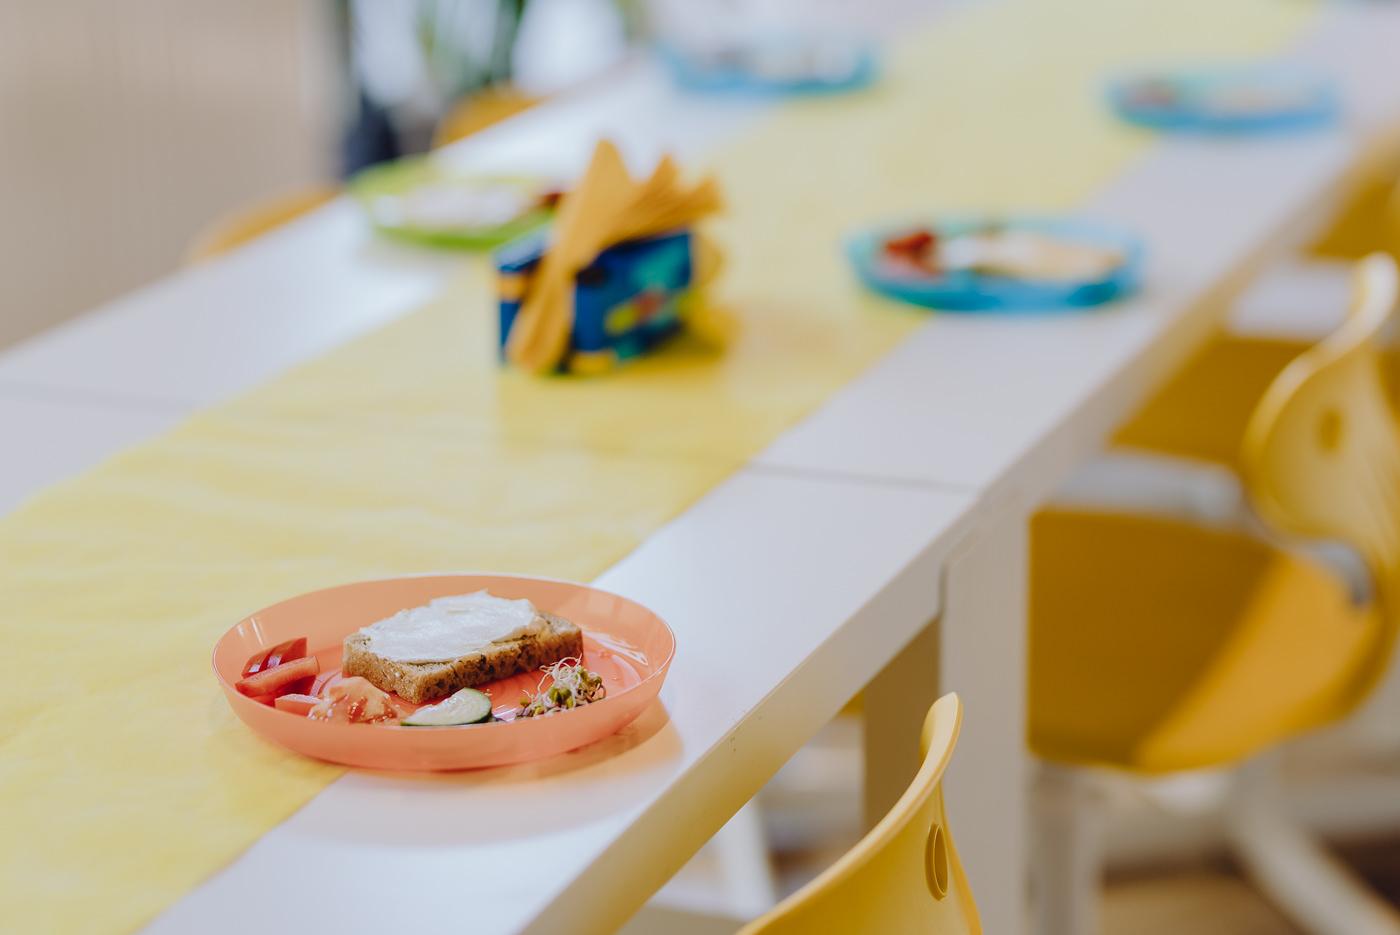 Kanapka na stole